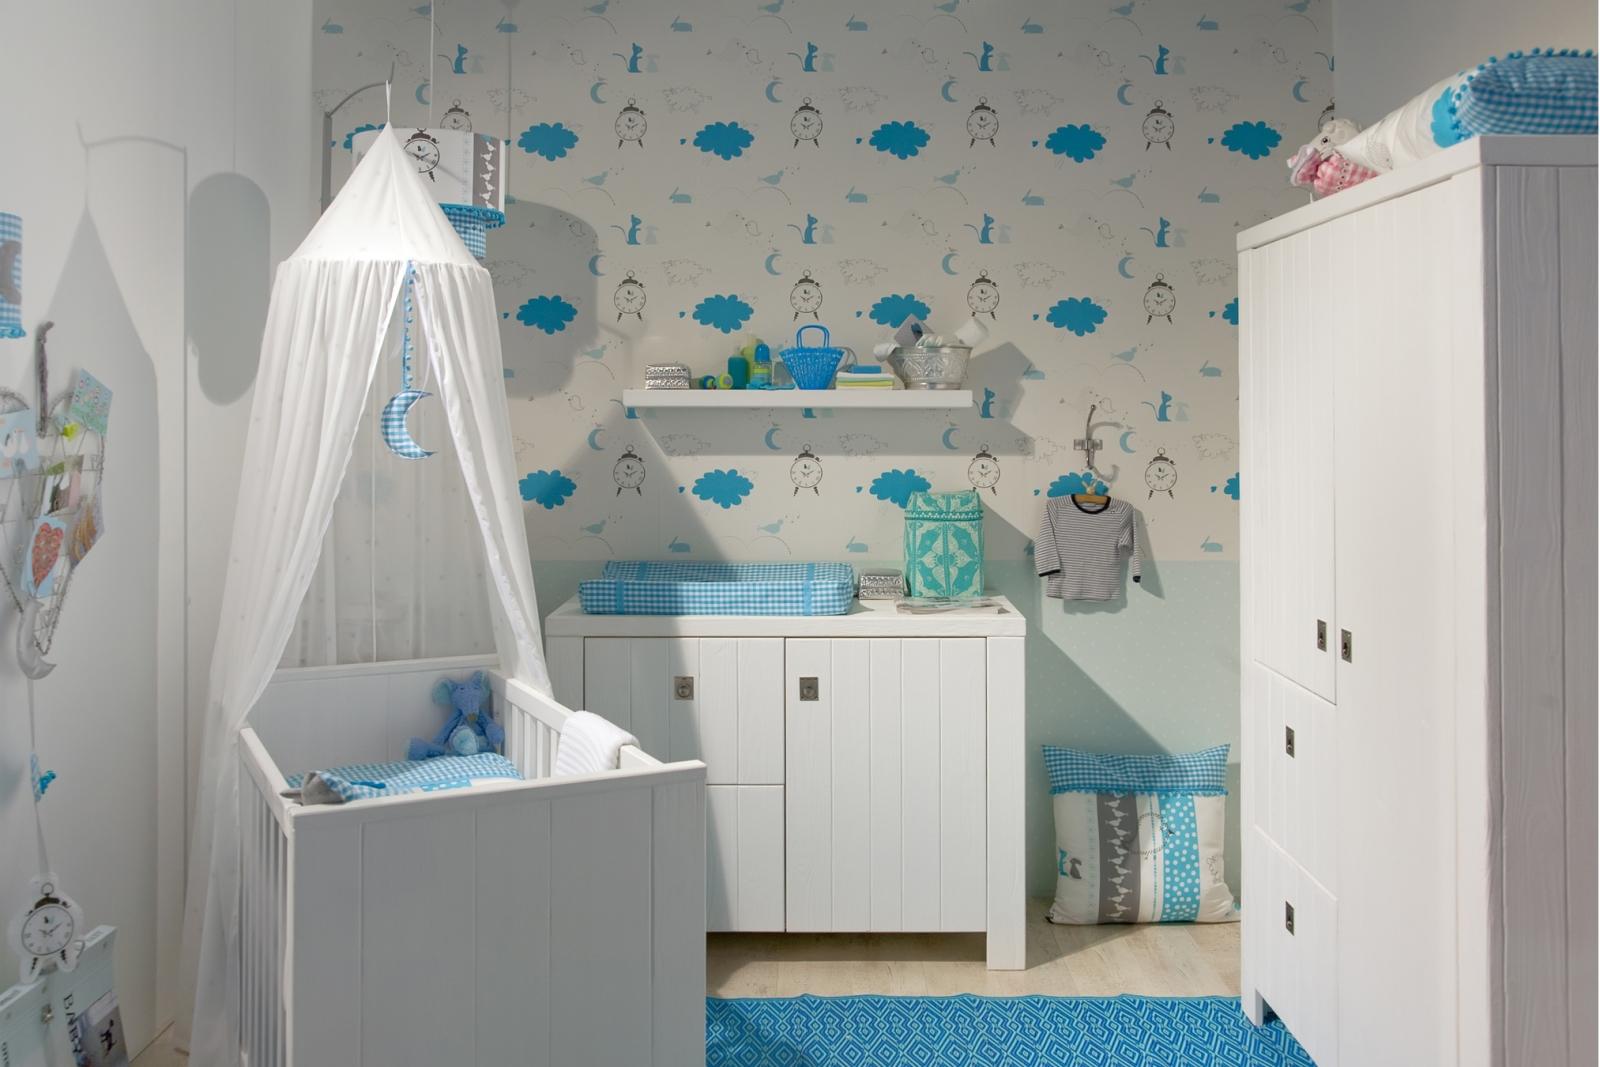 70 inspiratie babykamer en kinderkamer 13 best babykamer images on pinterest kinderkamer - Verf babykamer ...